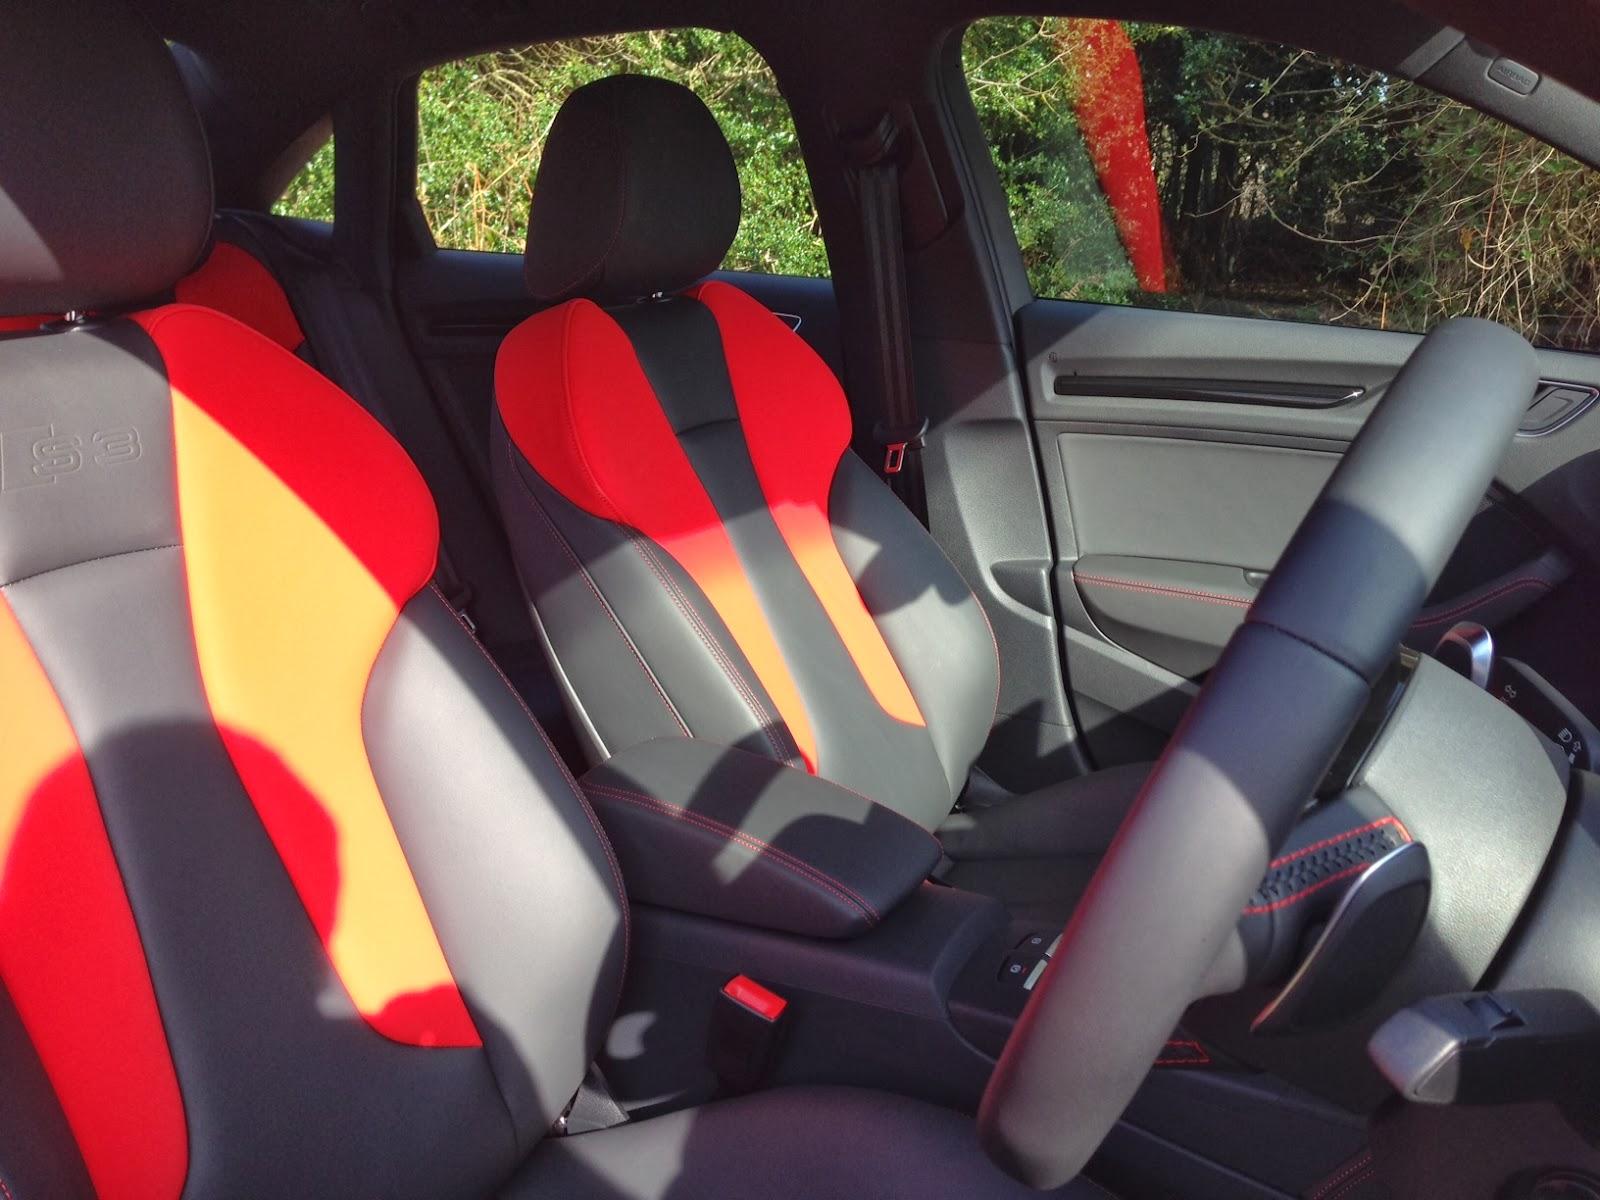 2014 Audi S3 Saloon interior